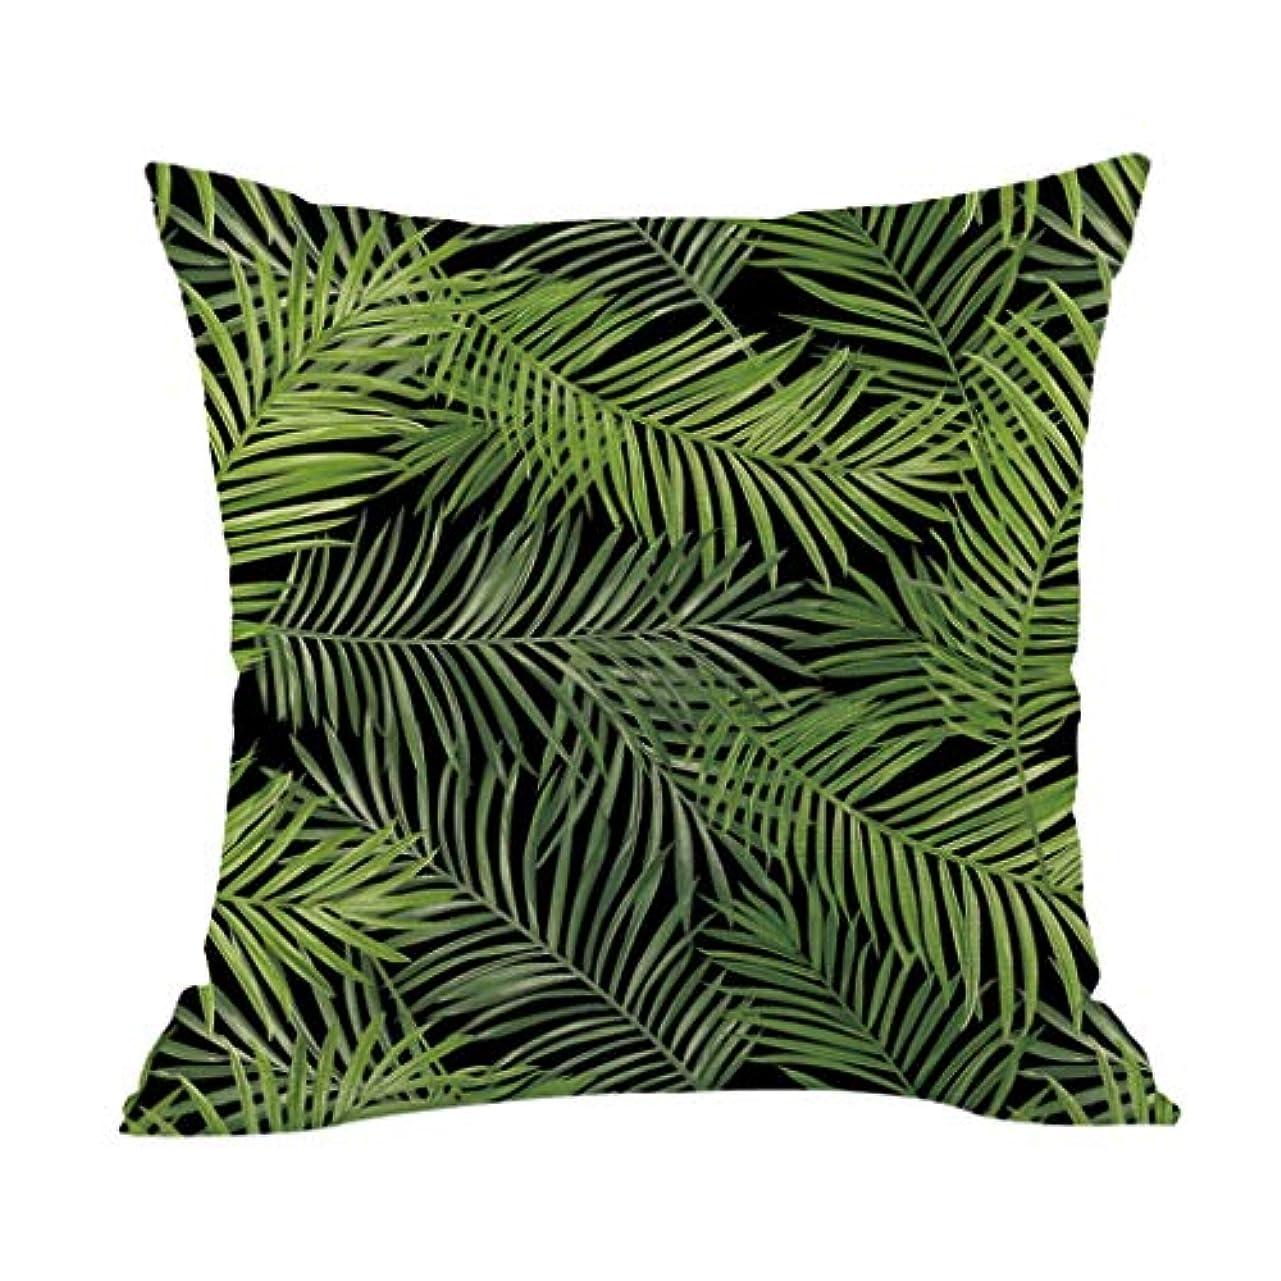 白内障通知する争いLIFE 高品質クッション熱帯植物ポリエステル枕ソファ投げるパッドセットホーム人格クッション coussin decoratif クッション 椅子